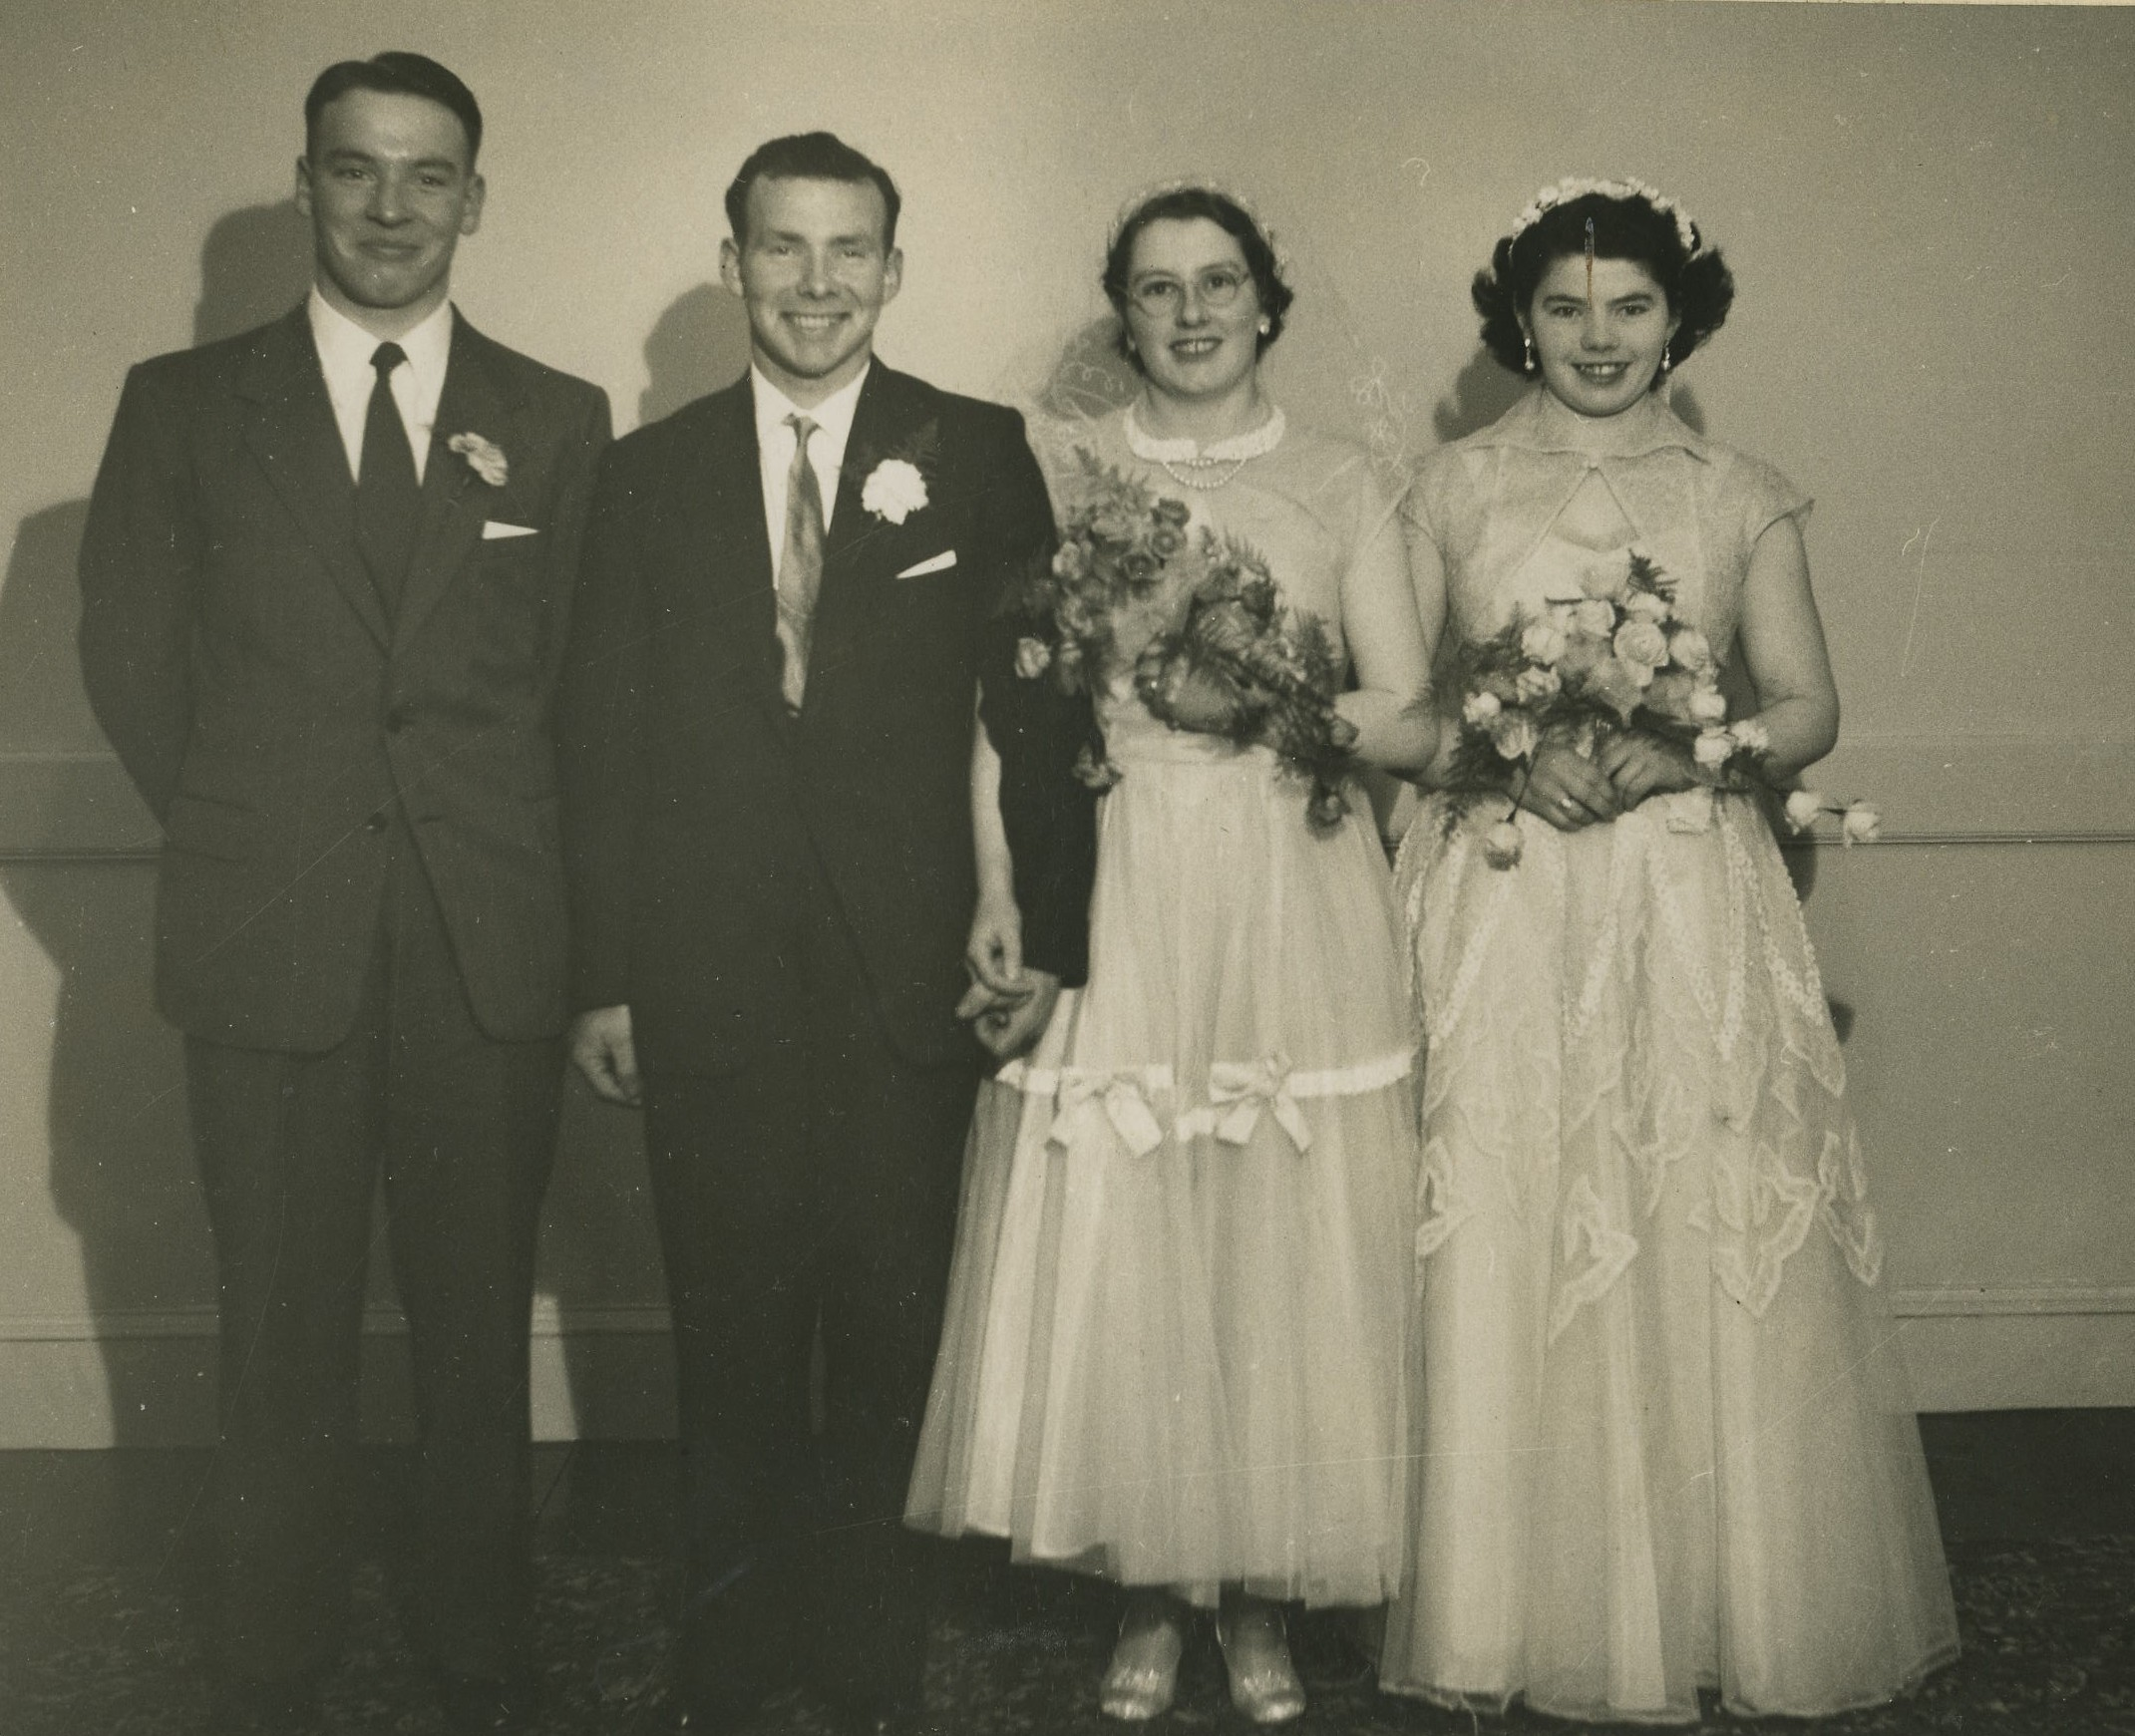 Archie MacCallum & Ethel Wood Wedding